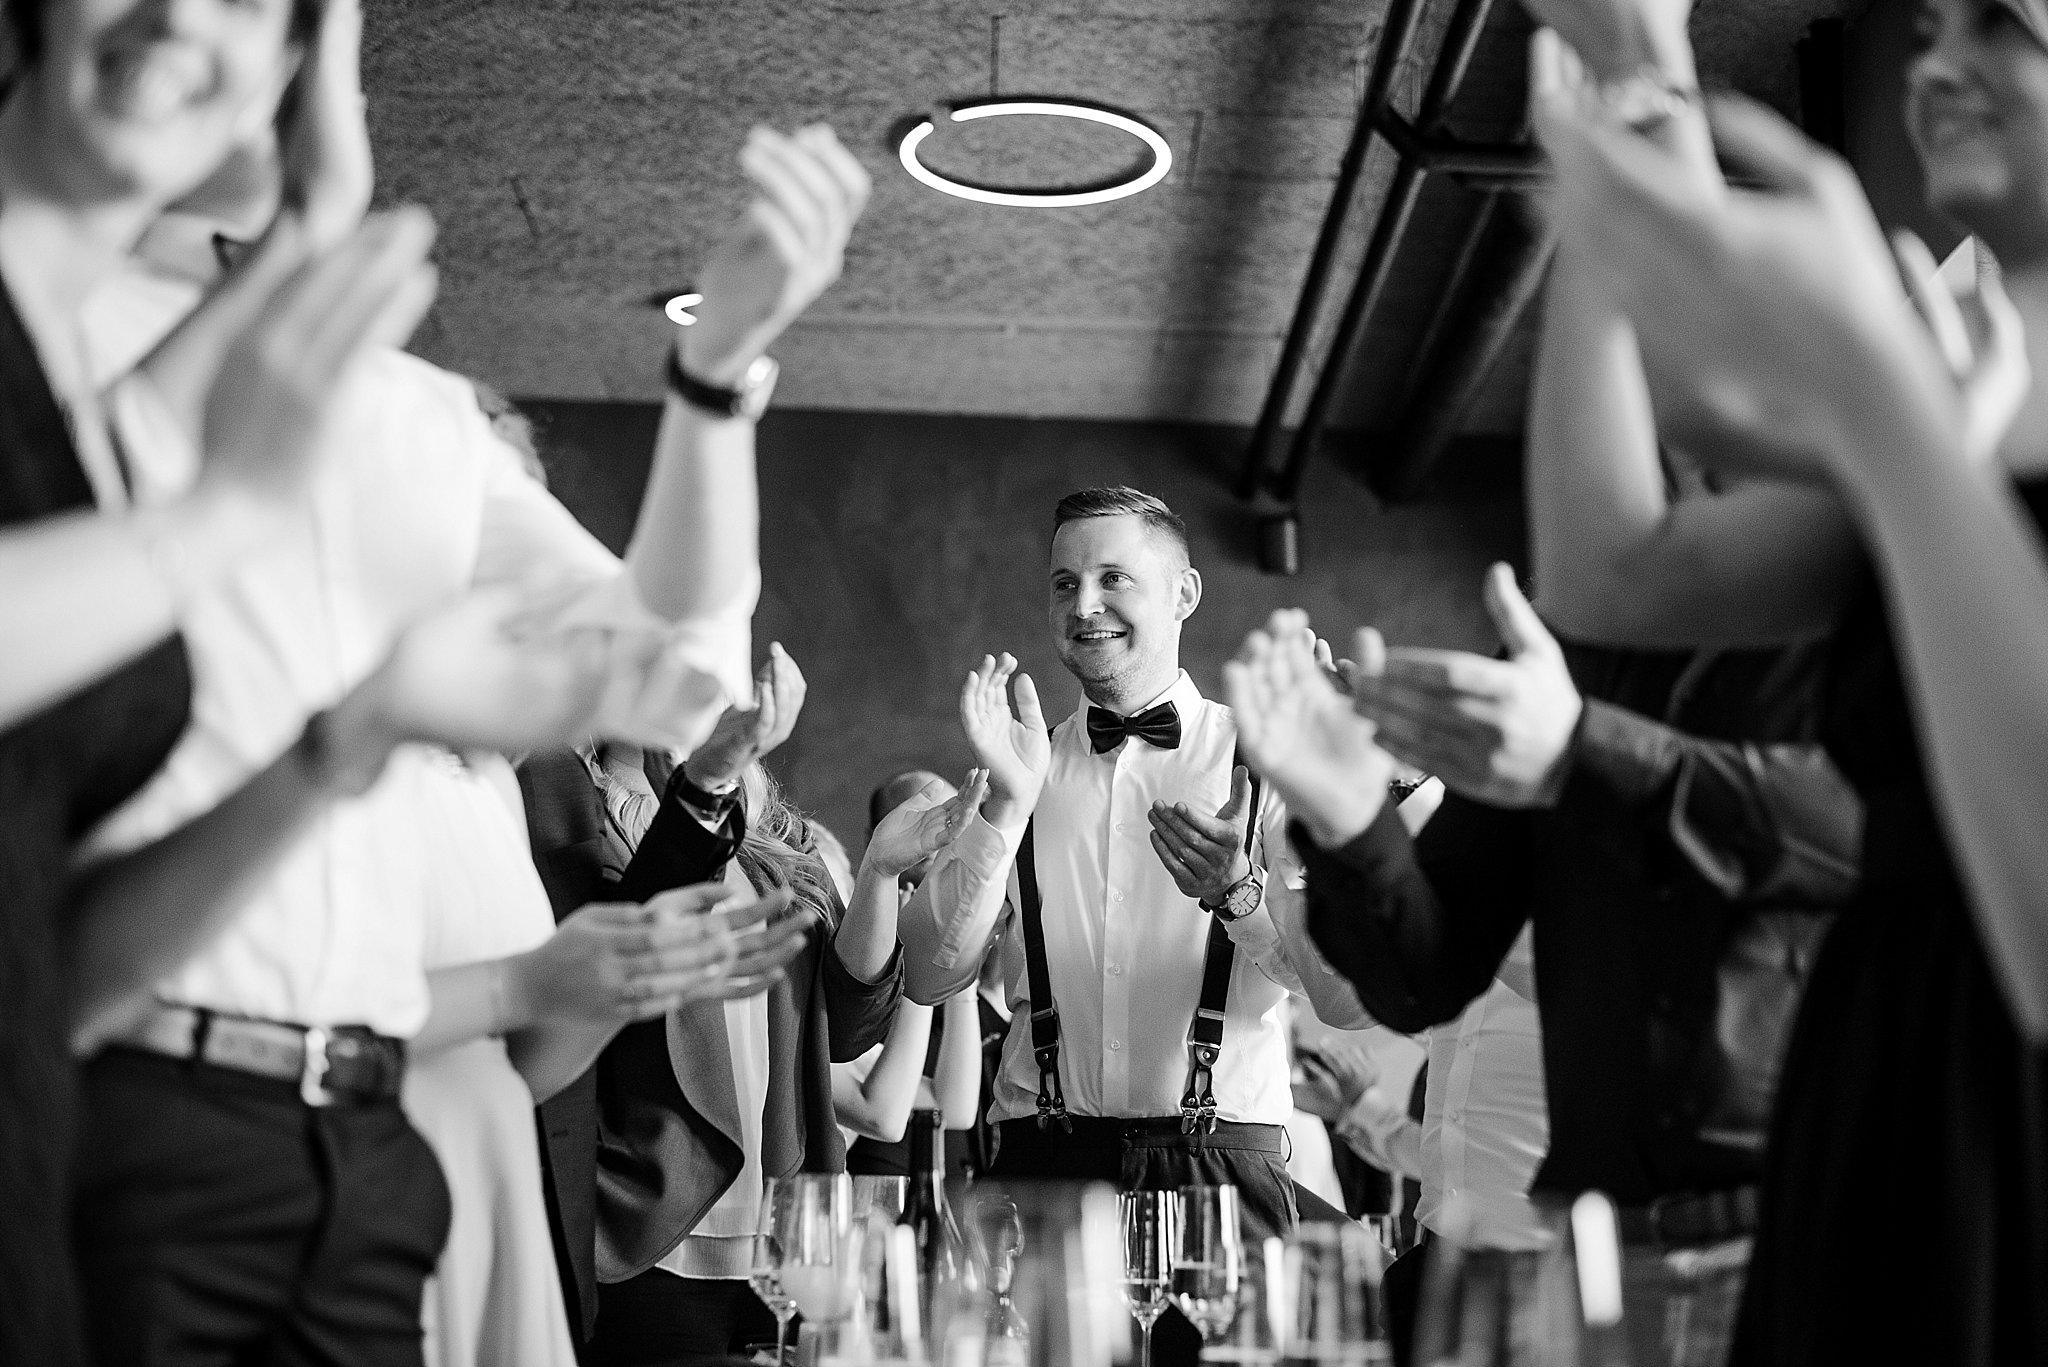 Hochzeit-von-Marina-Dominik-auf-Burg-Wernberg-und-Schloss-Friedrichsburg-00011